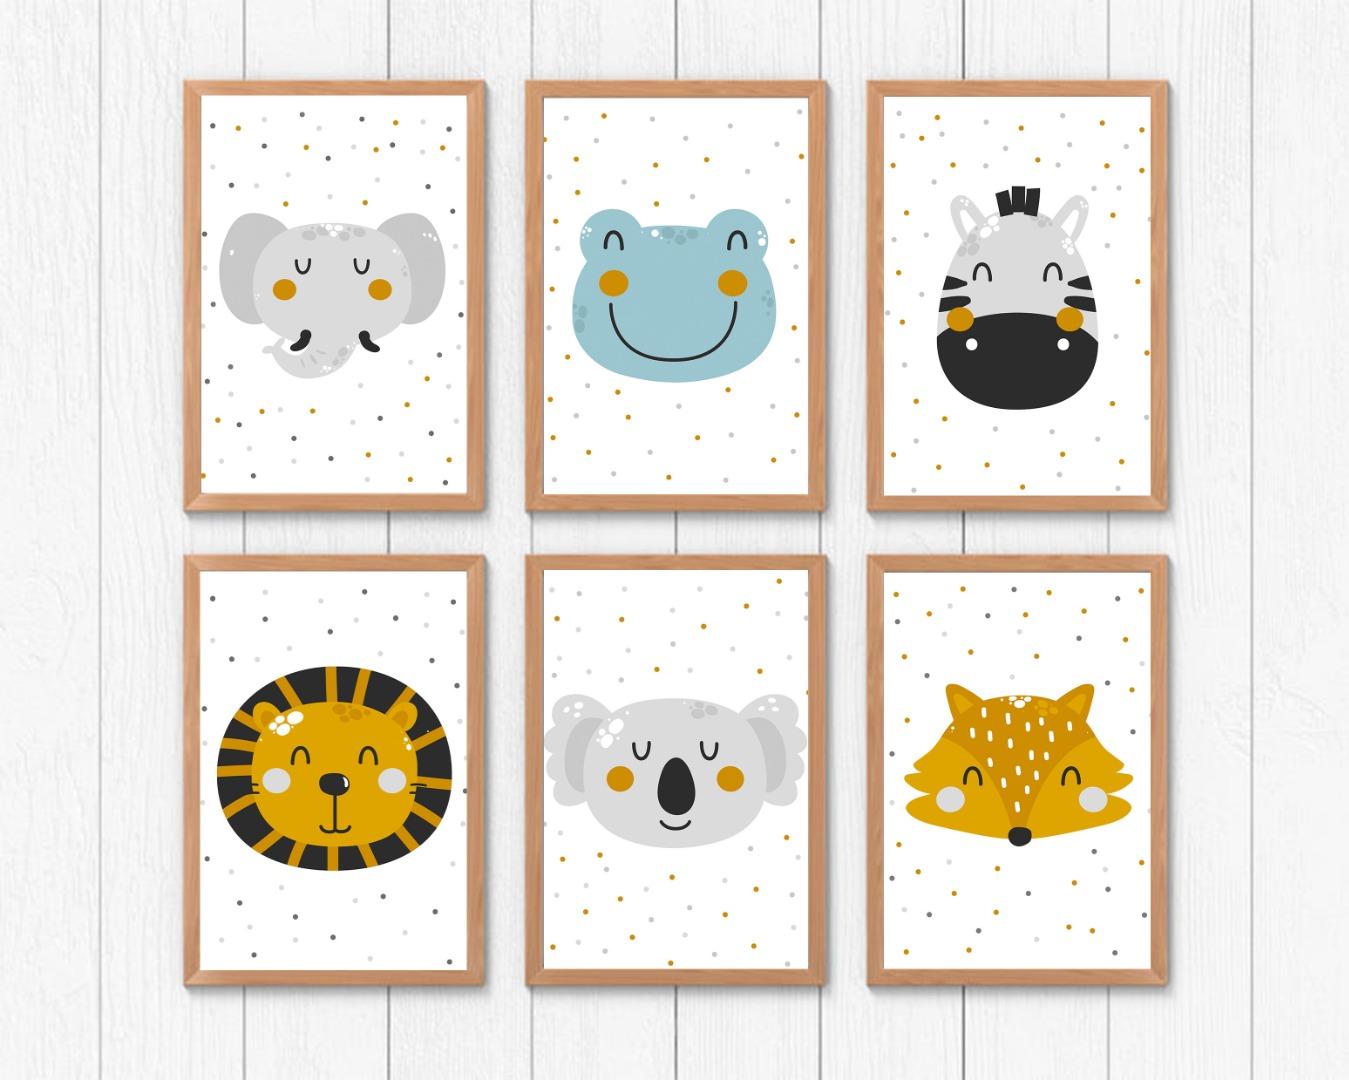 Poster Tiere Kinderposter Kinderzimmer Print Bilder